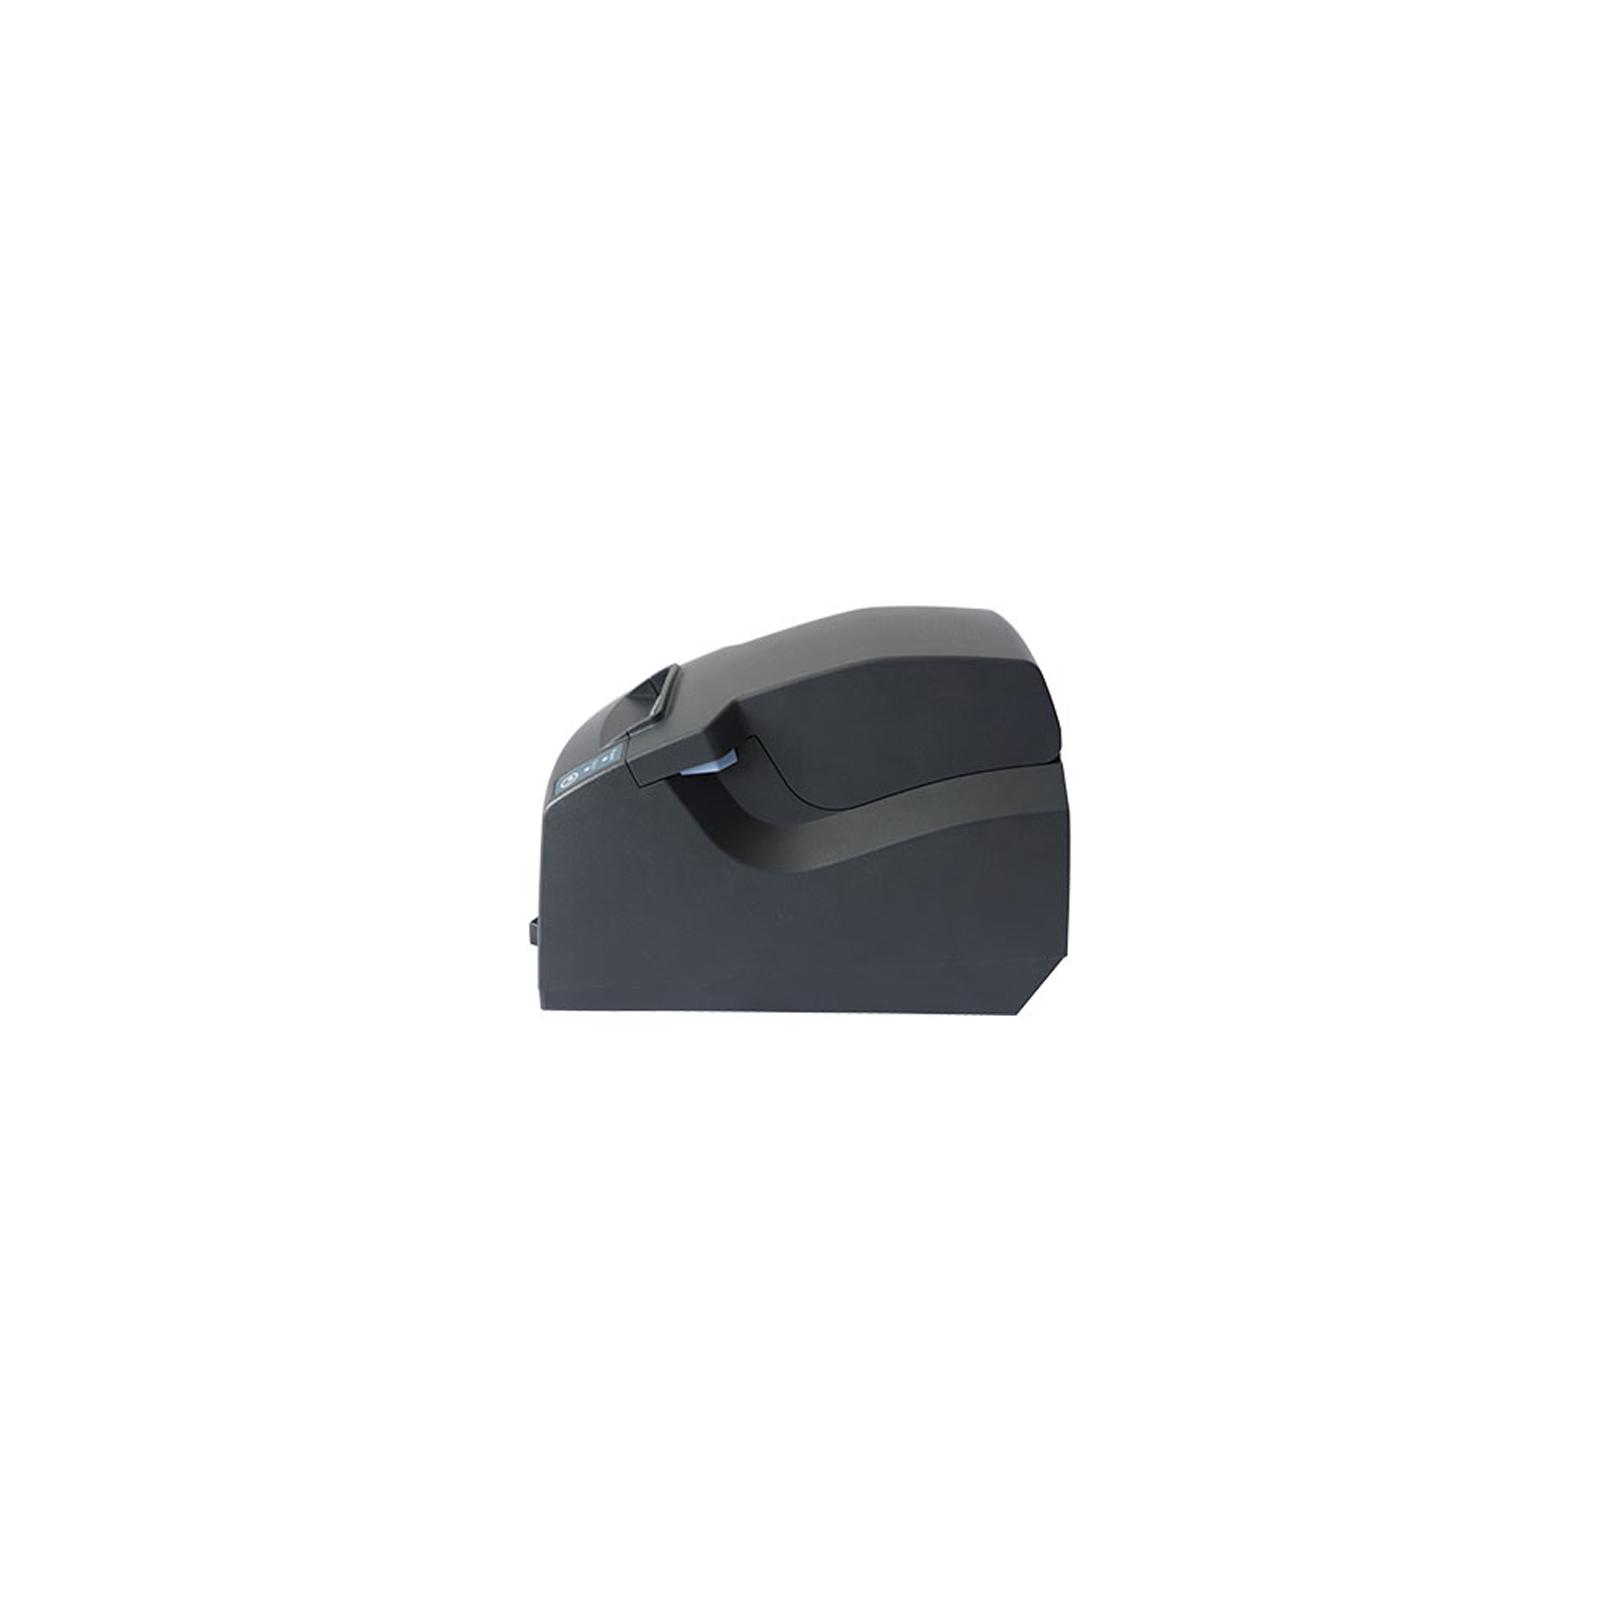 Принтер чеков HPRT PPT2-A (9551) изображение 2